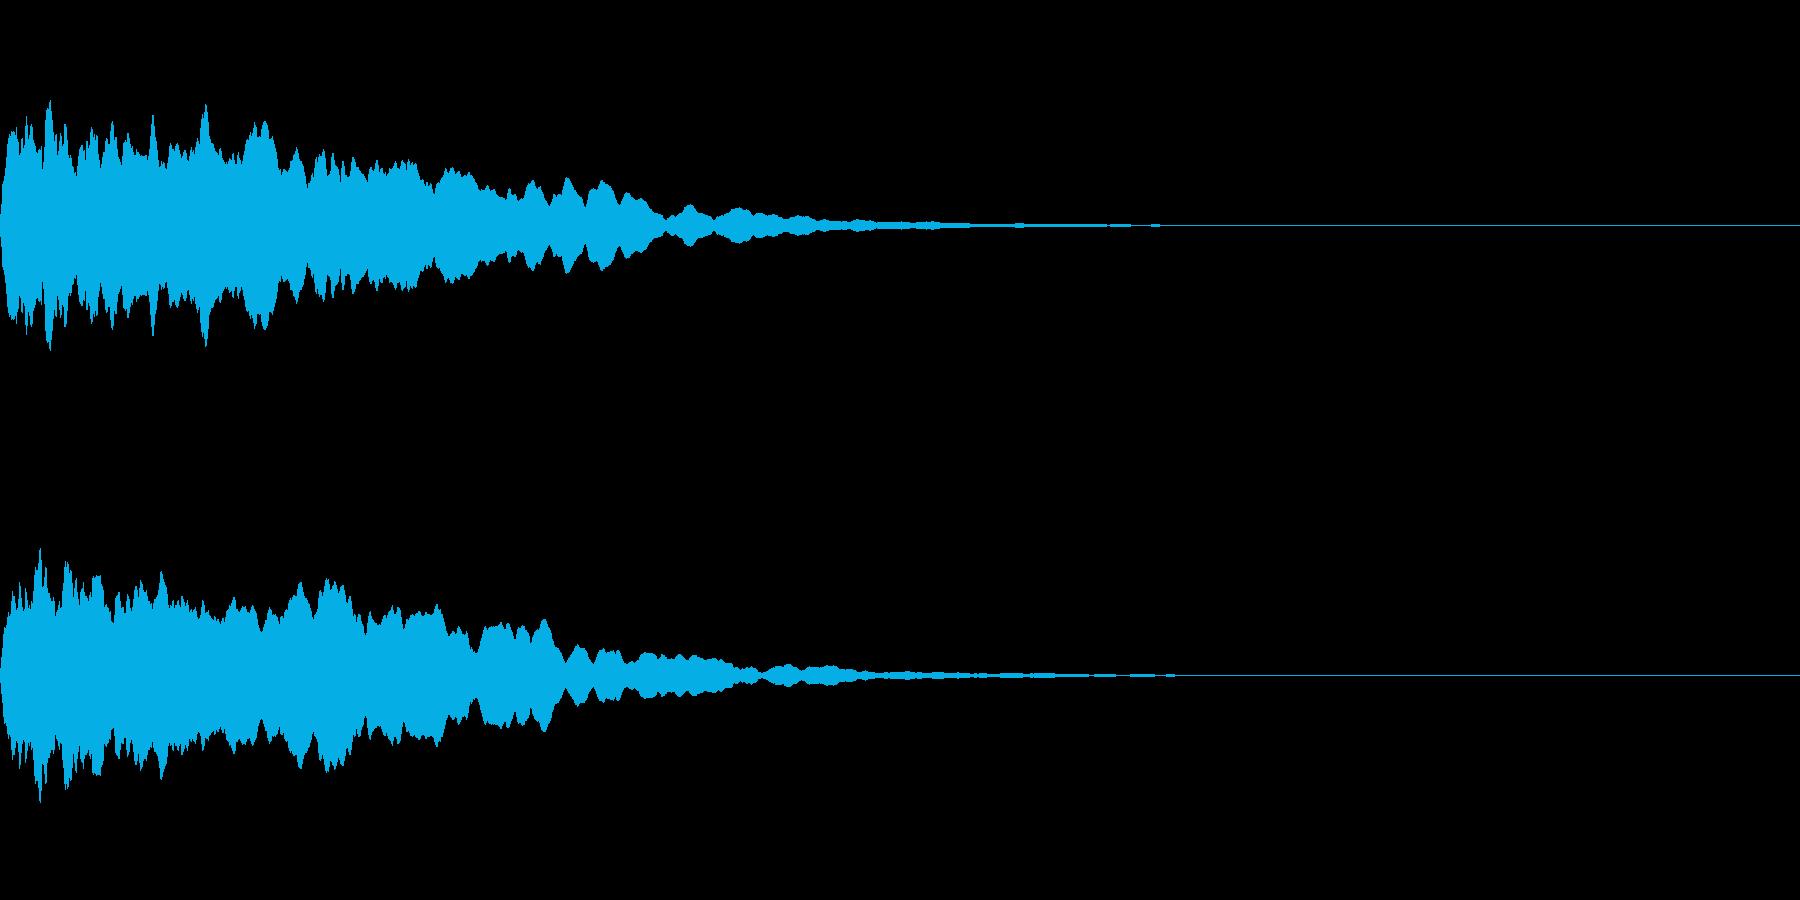 トレーラー用シネマチックアラーム・ピン1の再生済みの波形